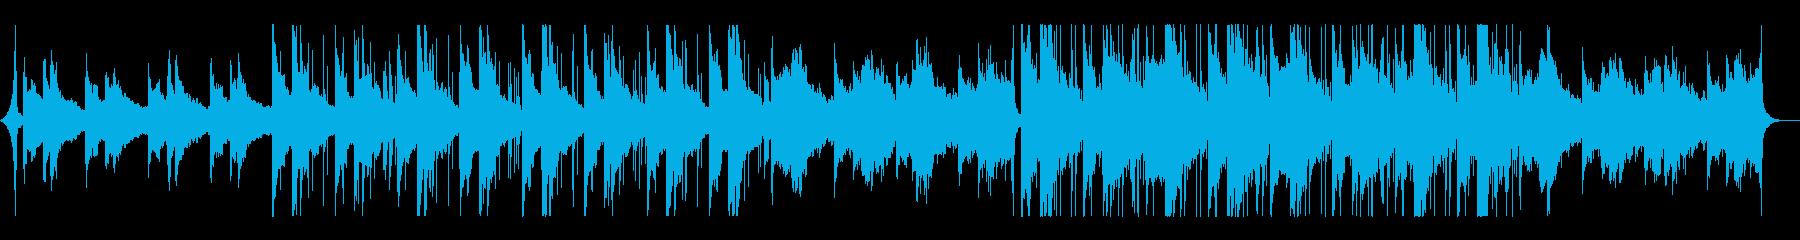 メロウで大人な雰囲気のチルアウトの再生済みの波形